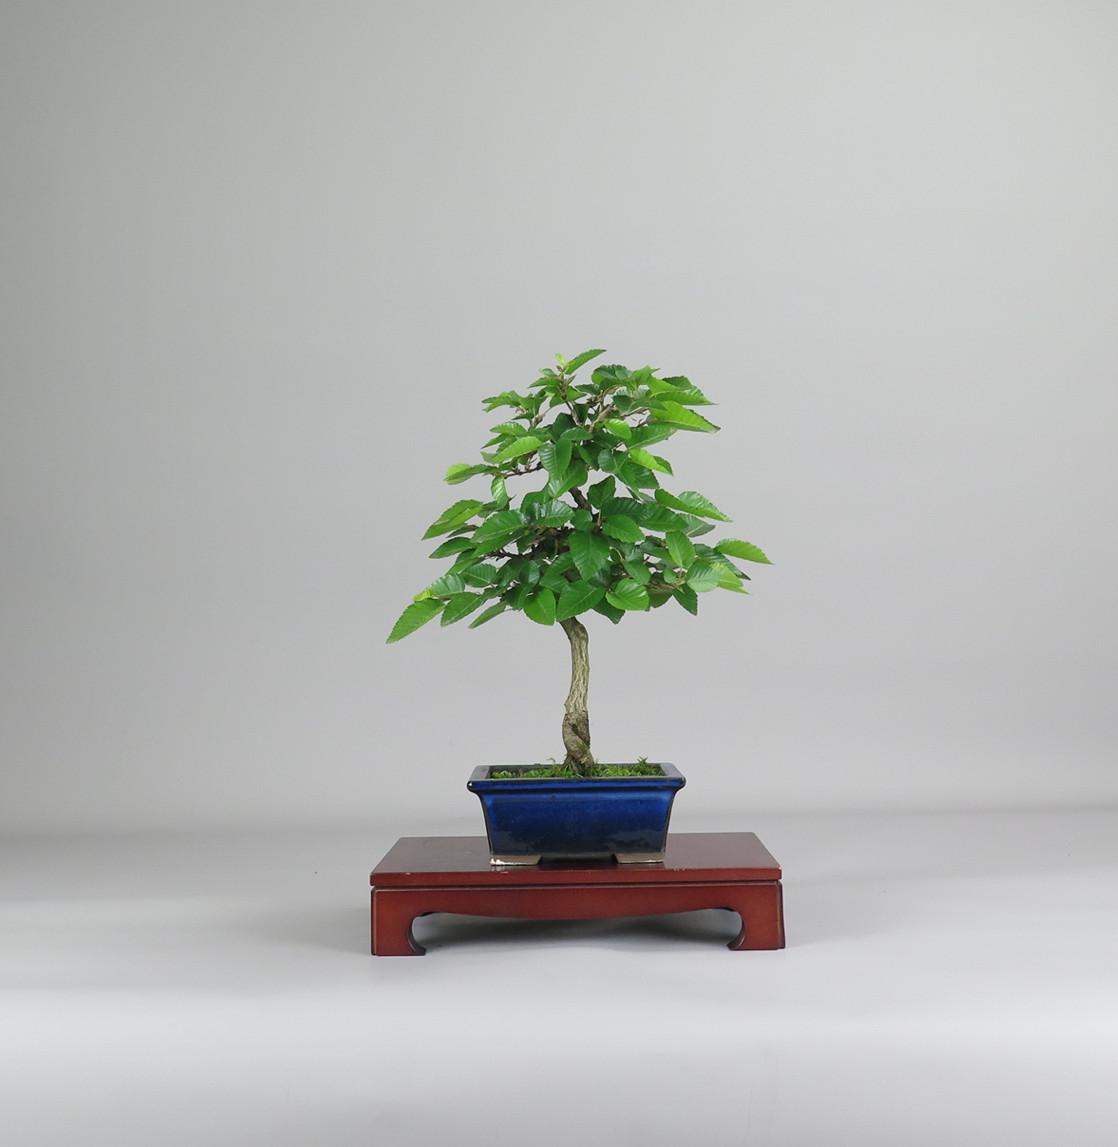 bonsai de carpe coreano , frente